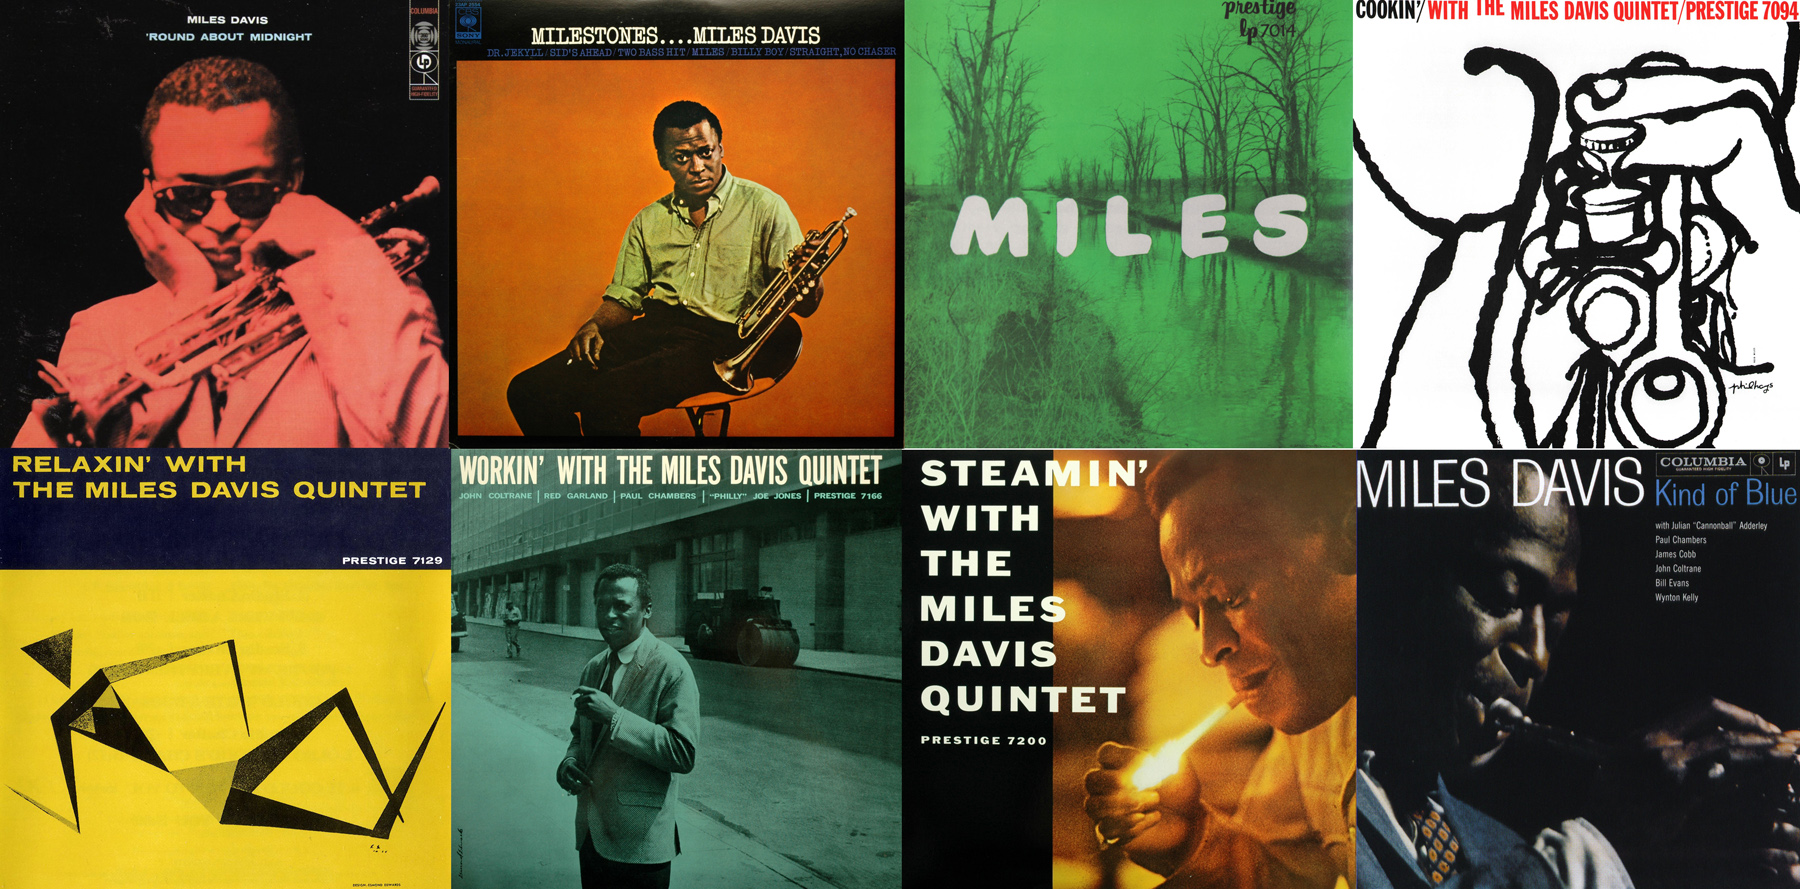 Discos del quinteto de Miles Davis